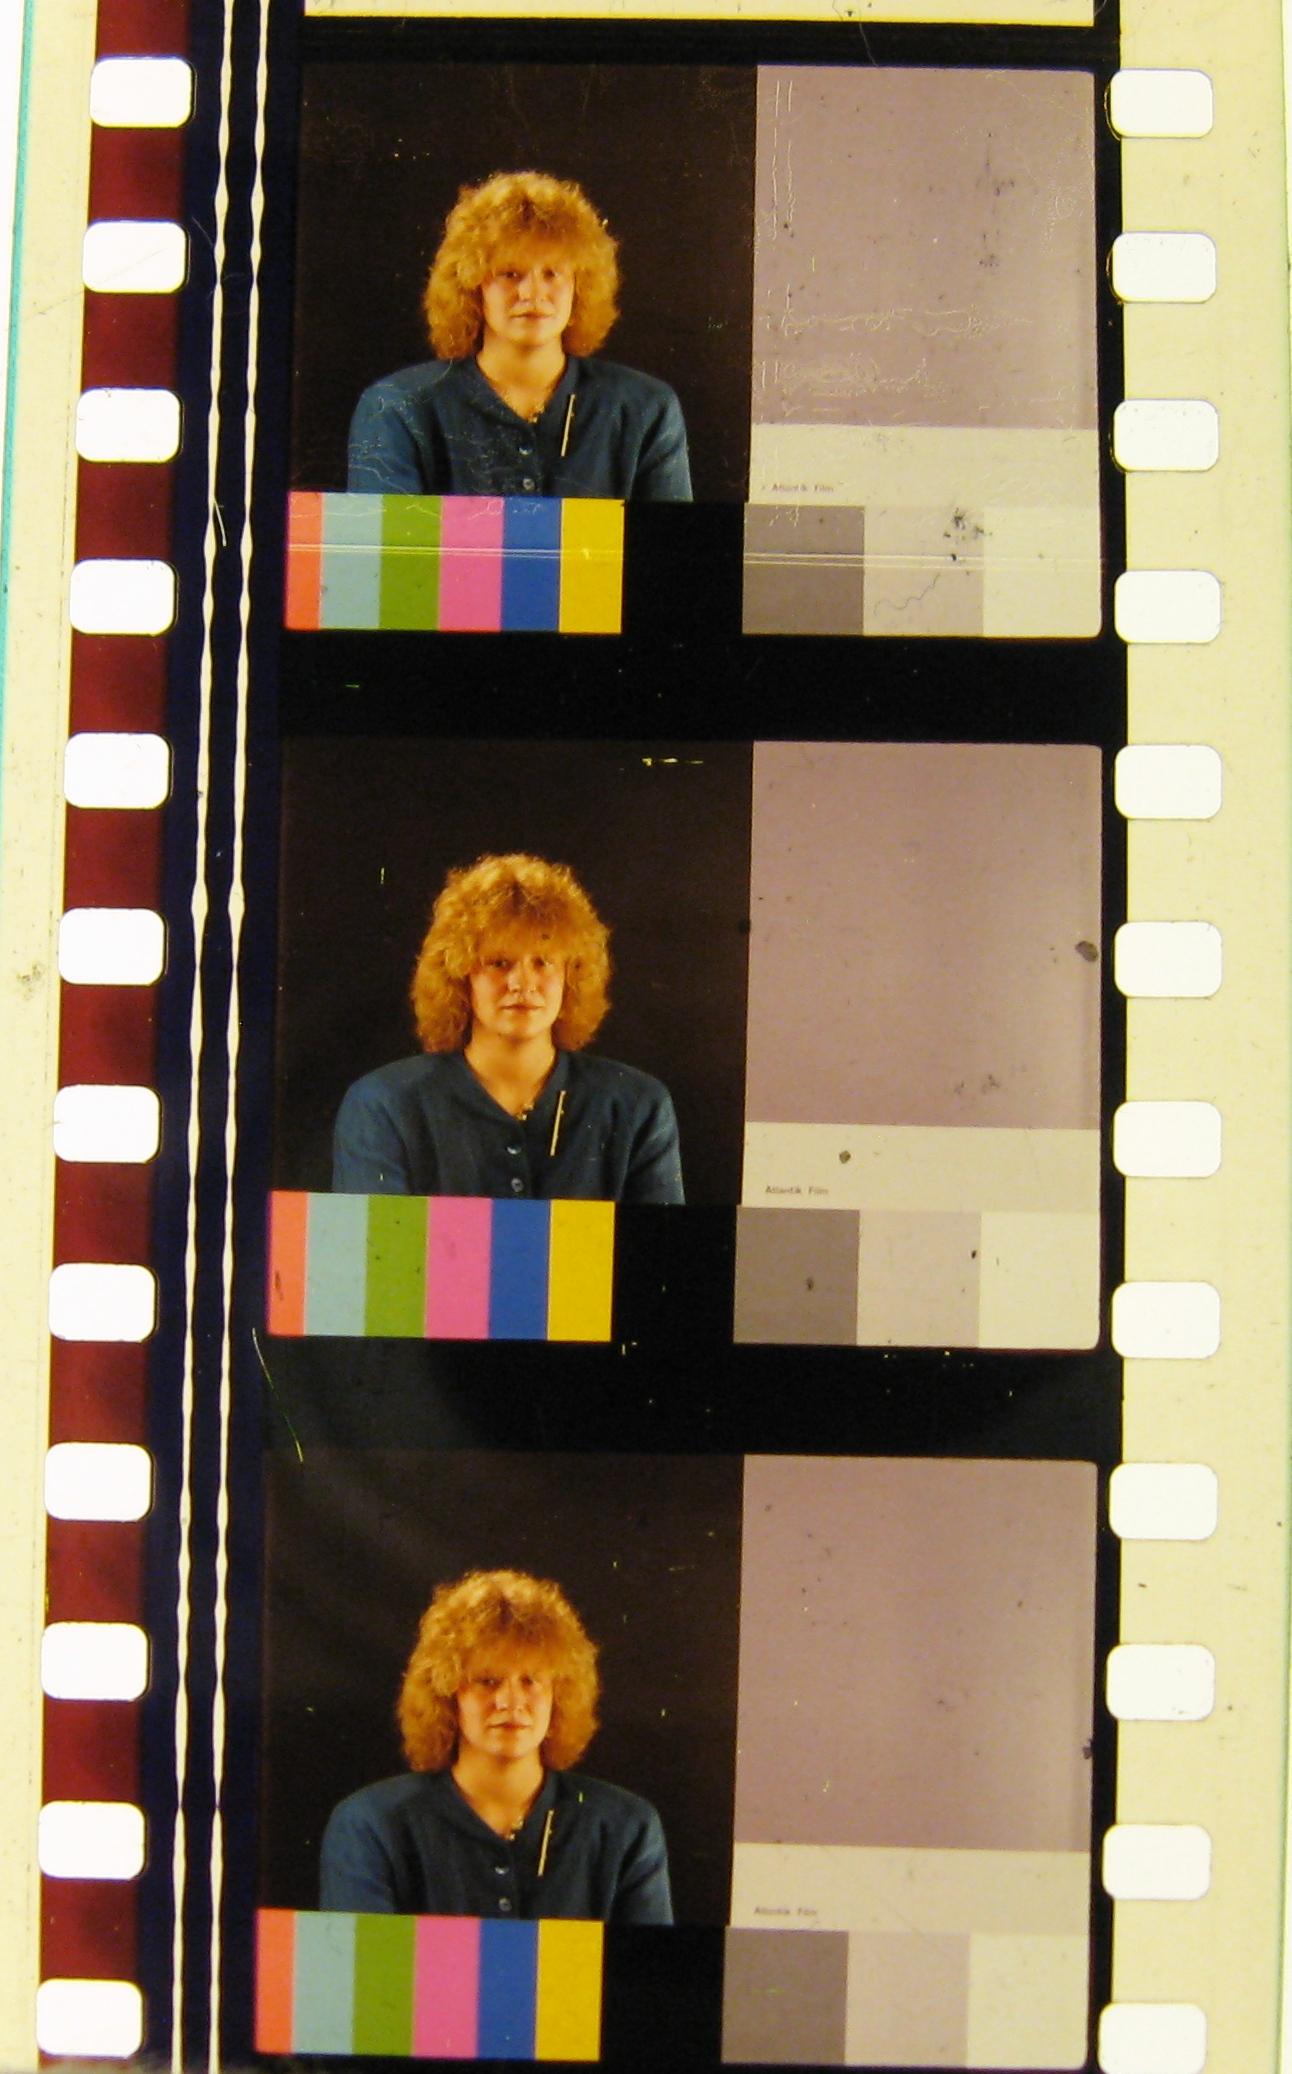 Atlantik Film. In some versions, she blinks!